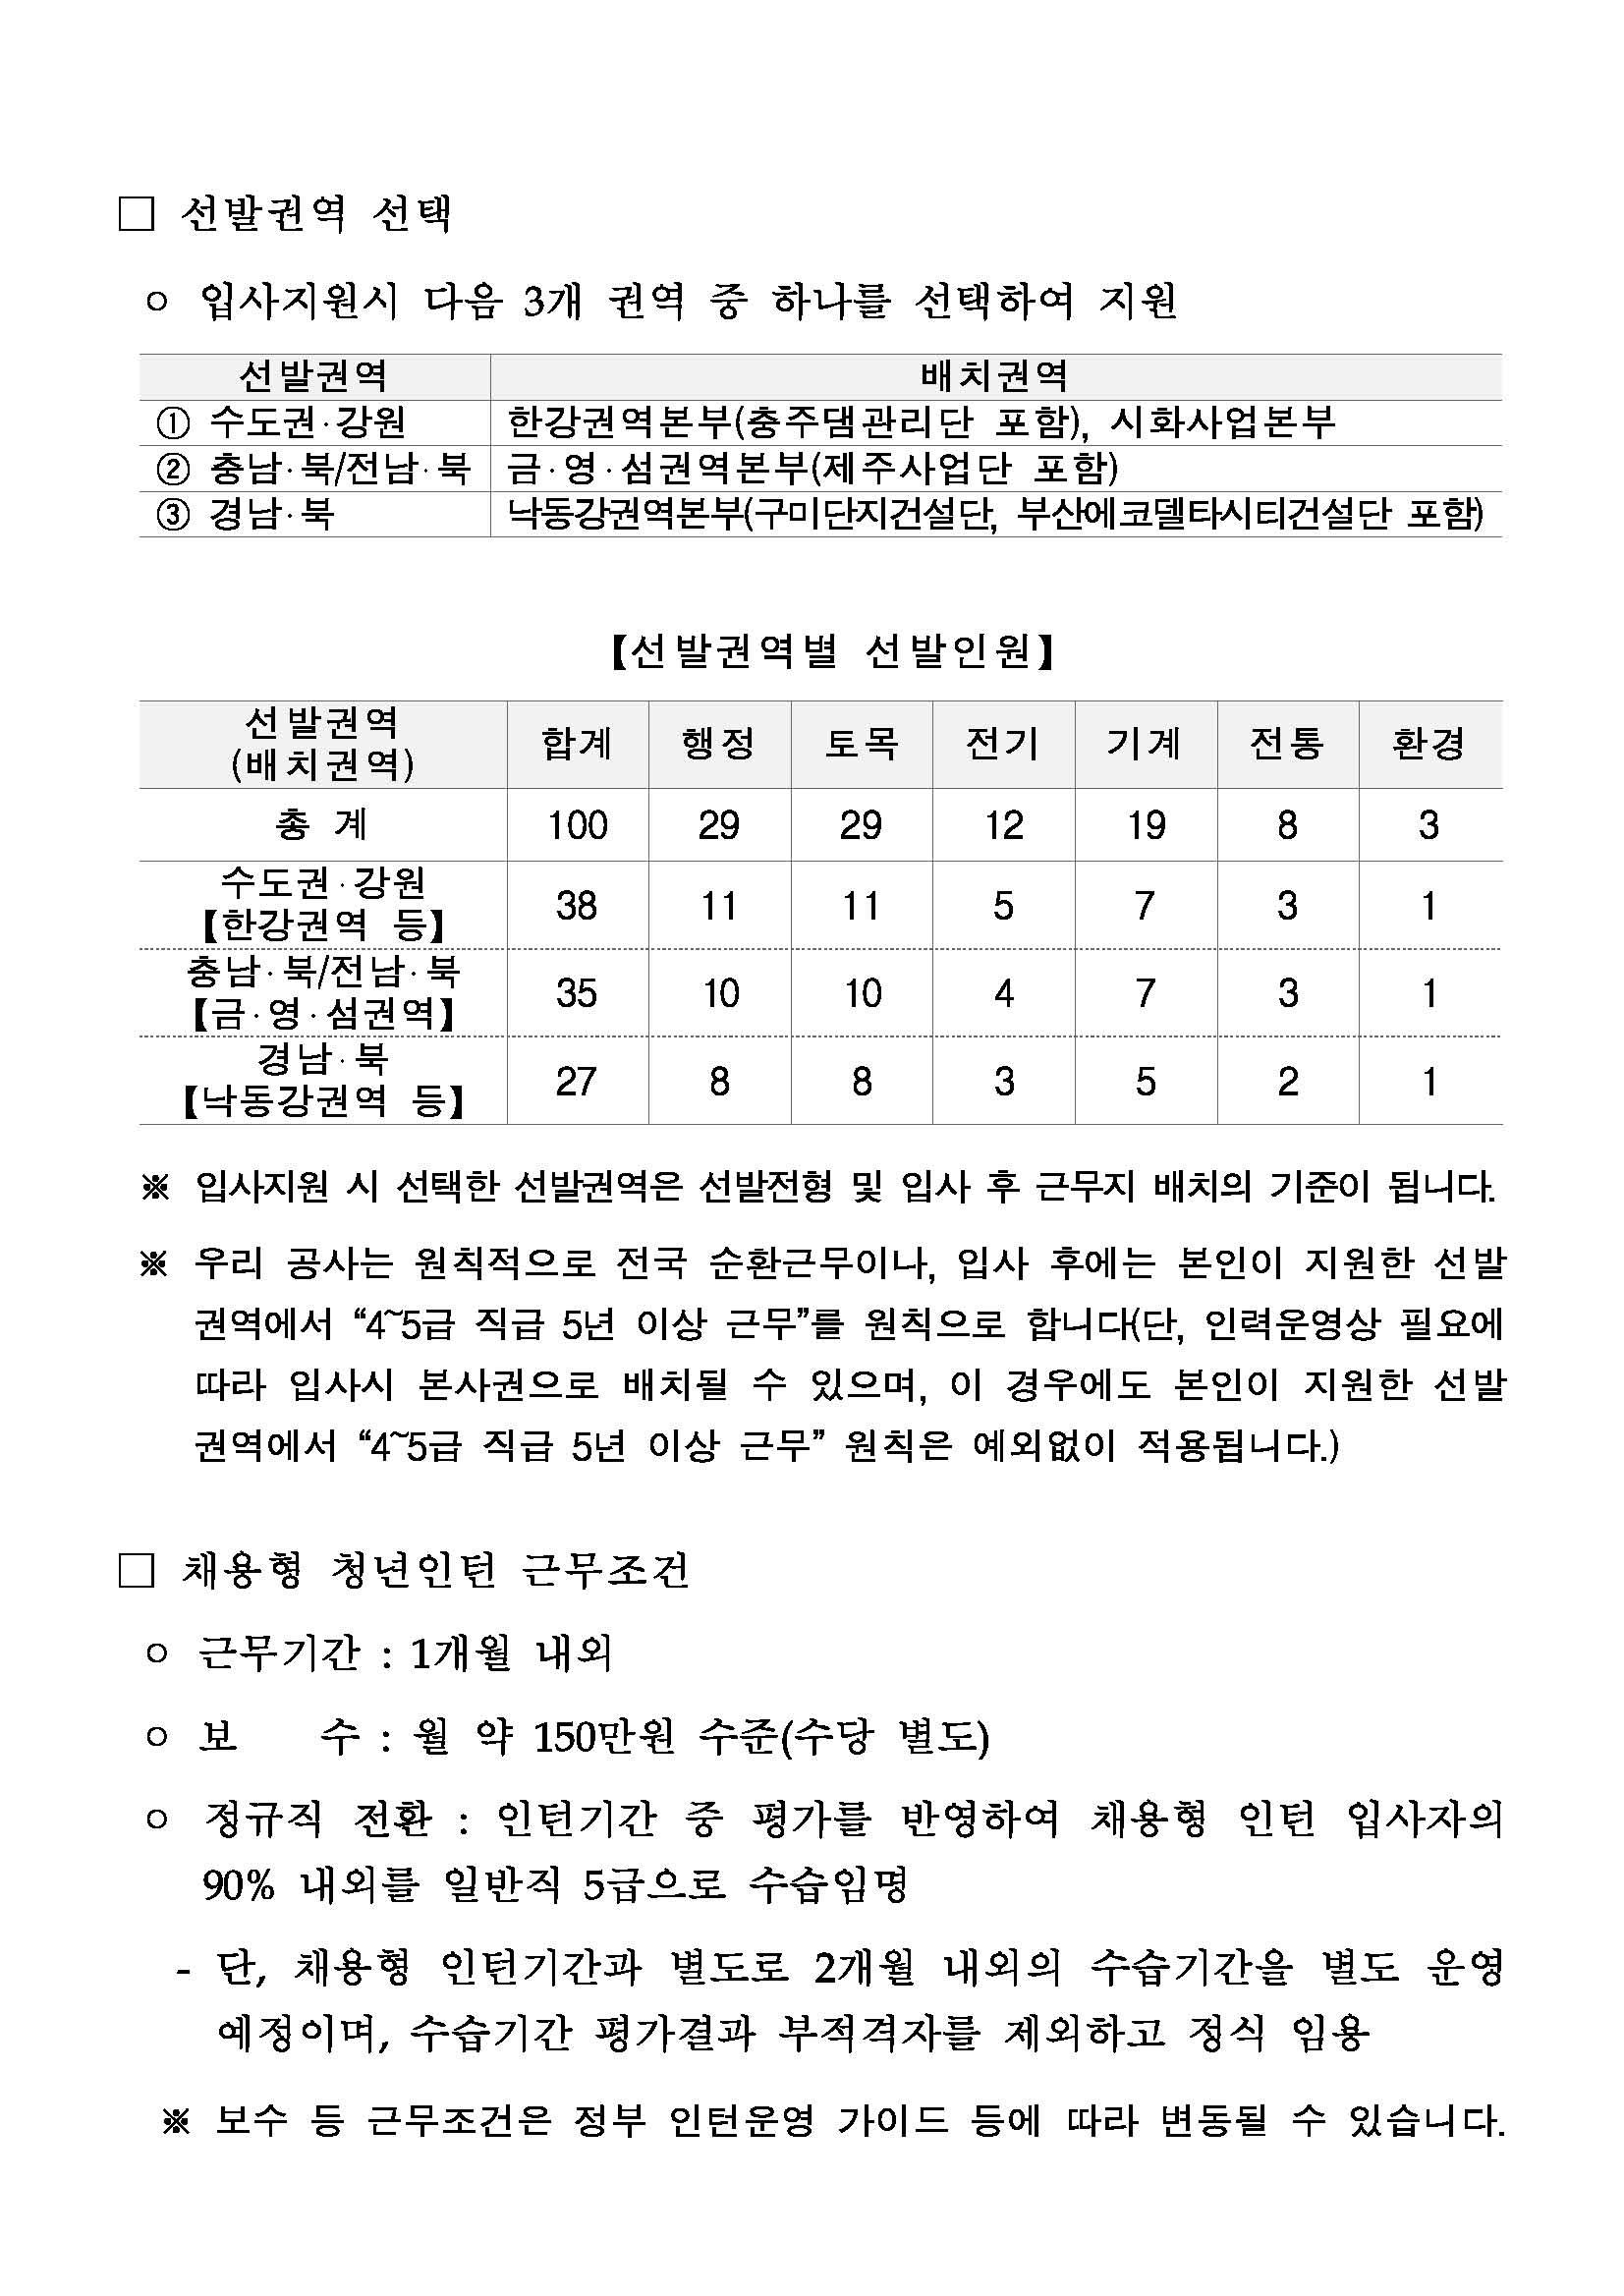 2017년 하반기 일반직 신입사원(채용형 인턴) 일반공채 공고문_페이지_02.jpg